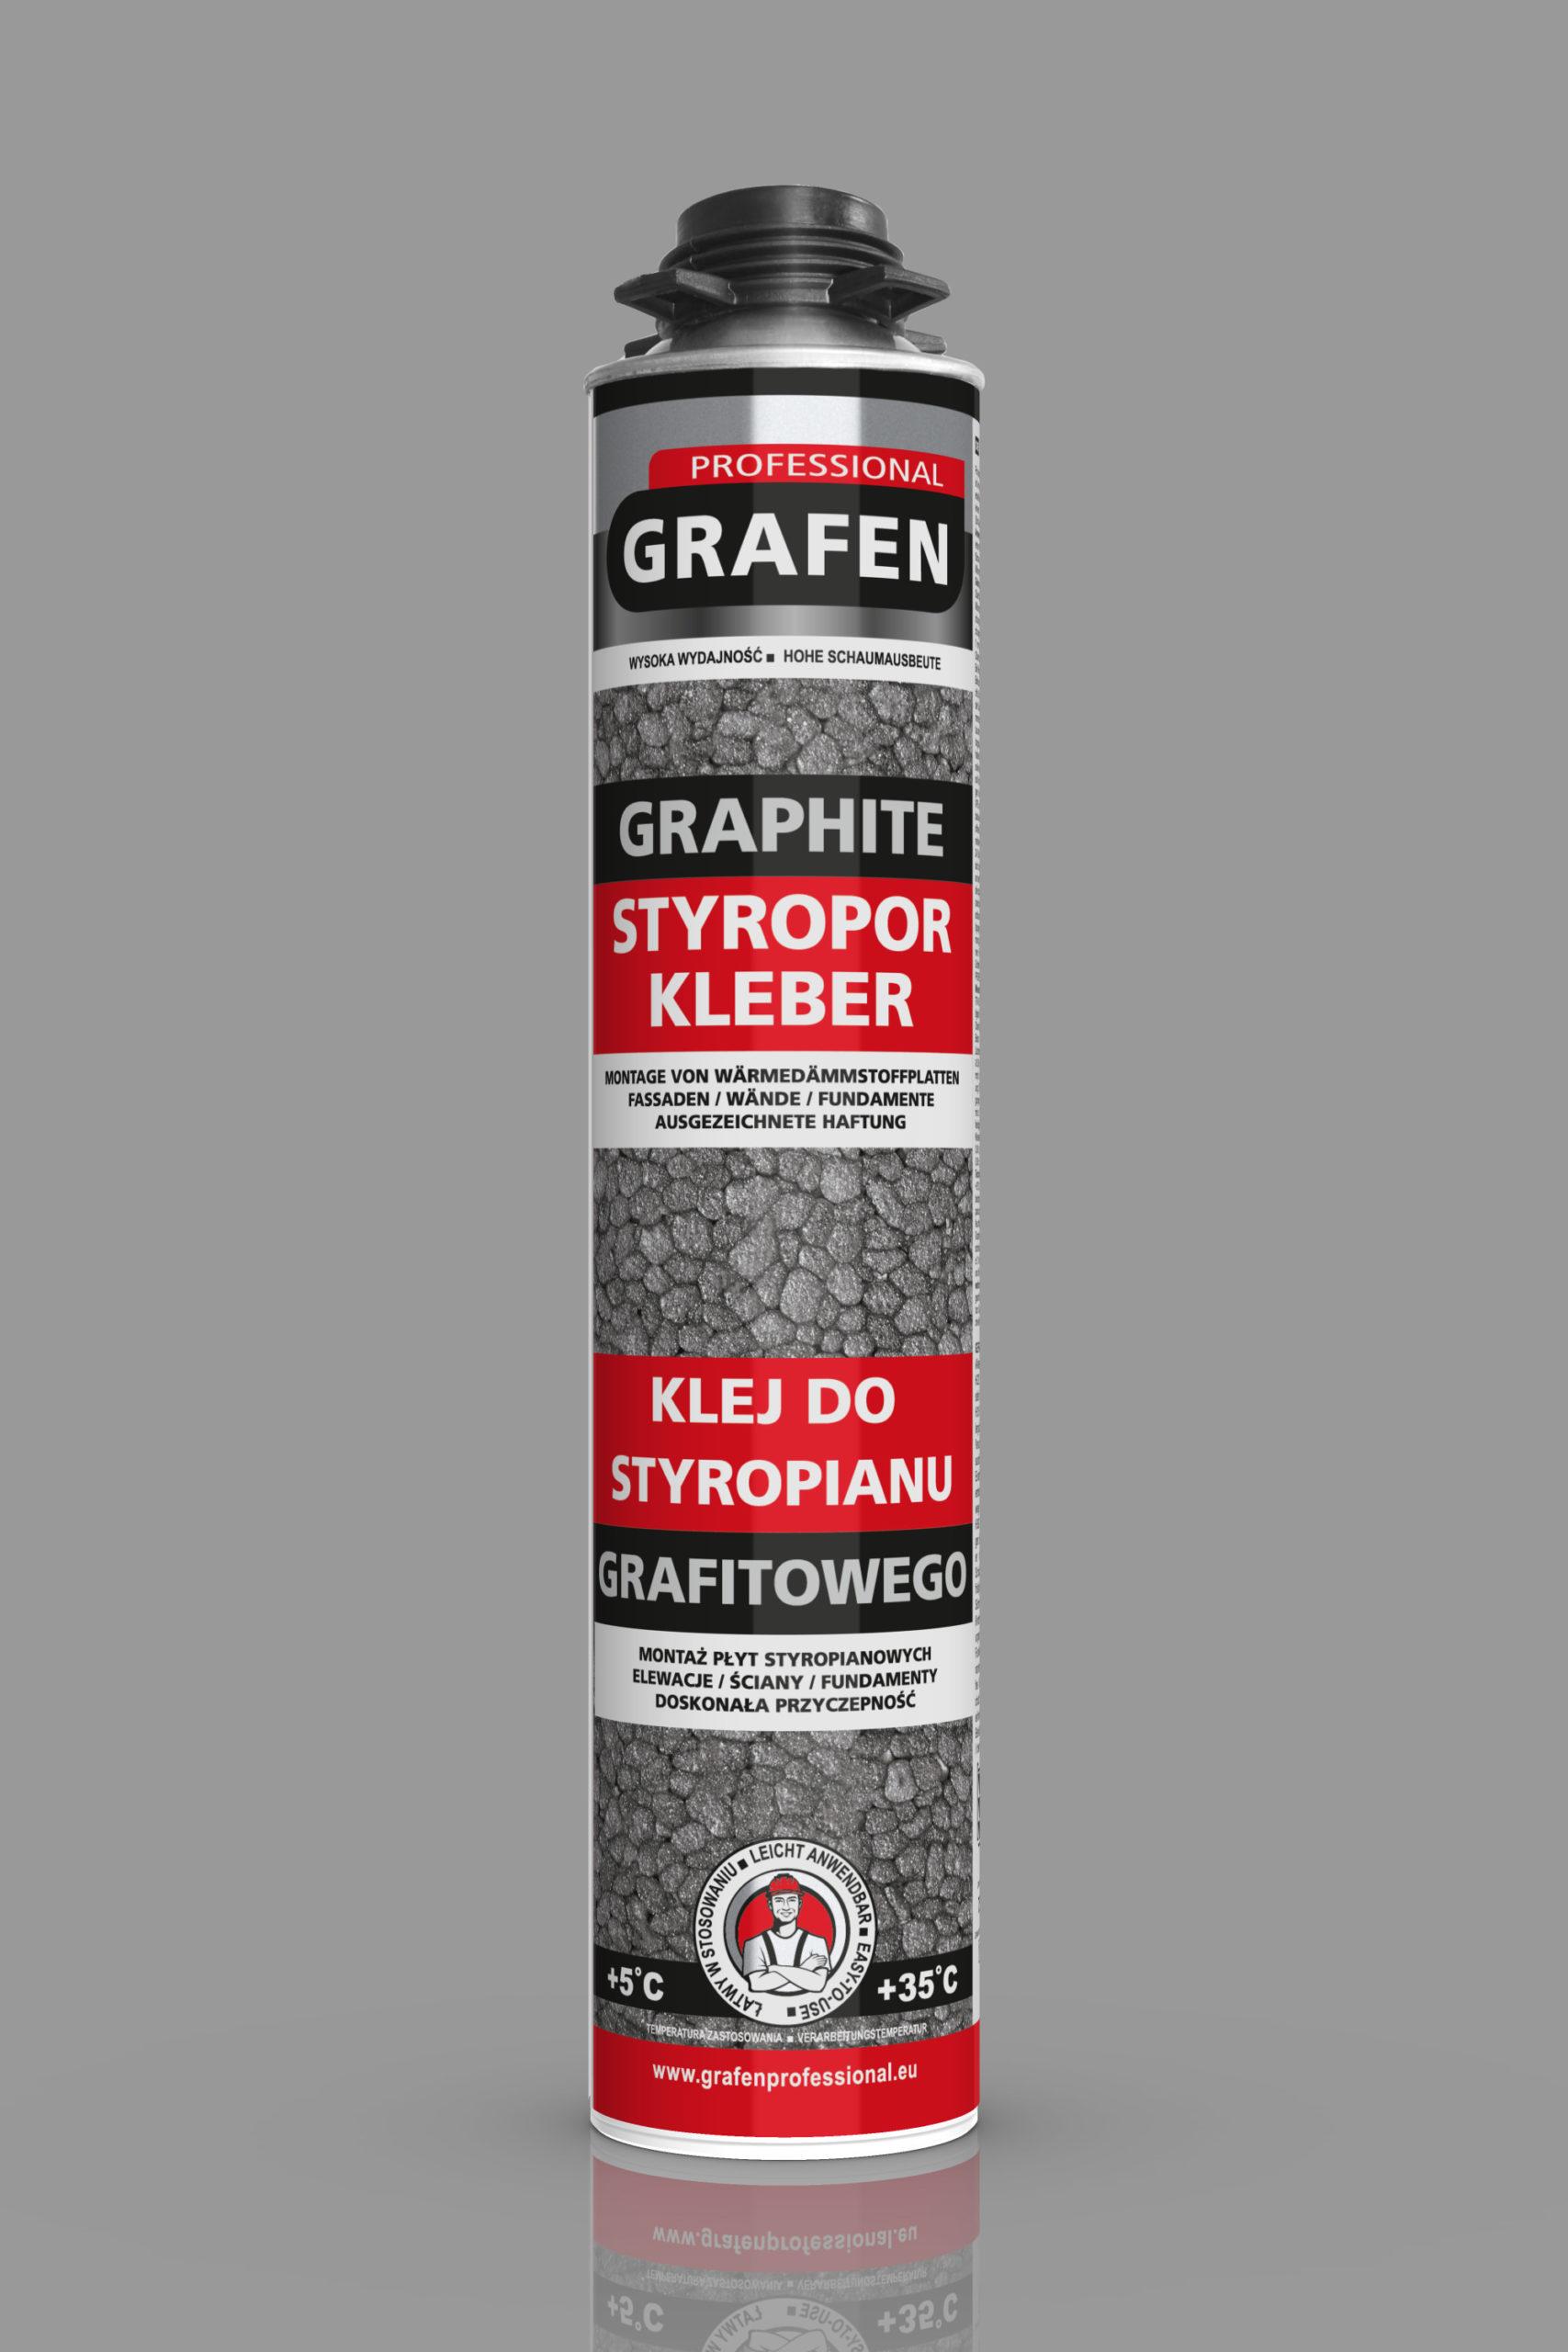 Klej do styropianu grafitowego